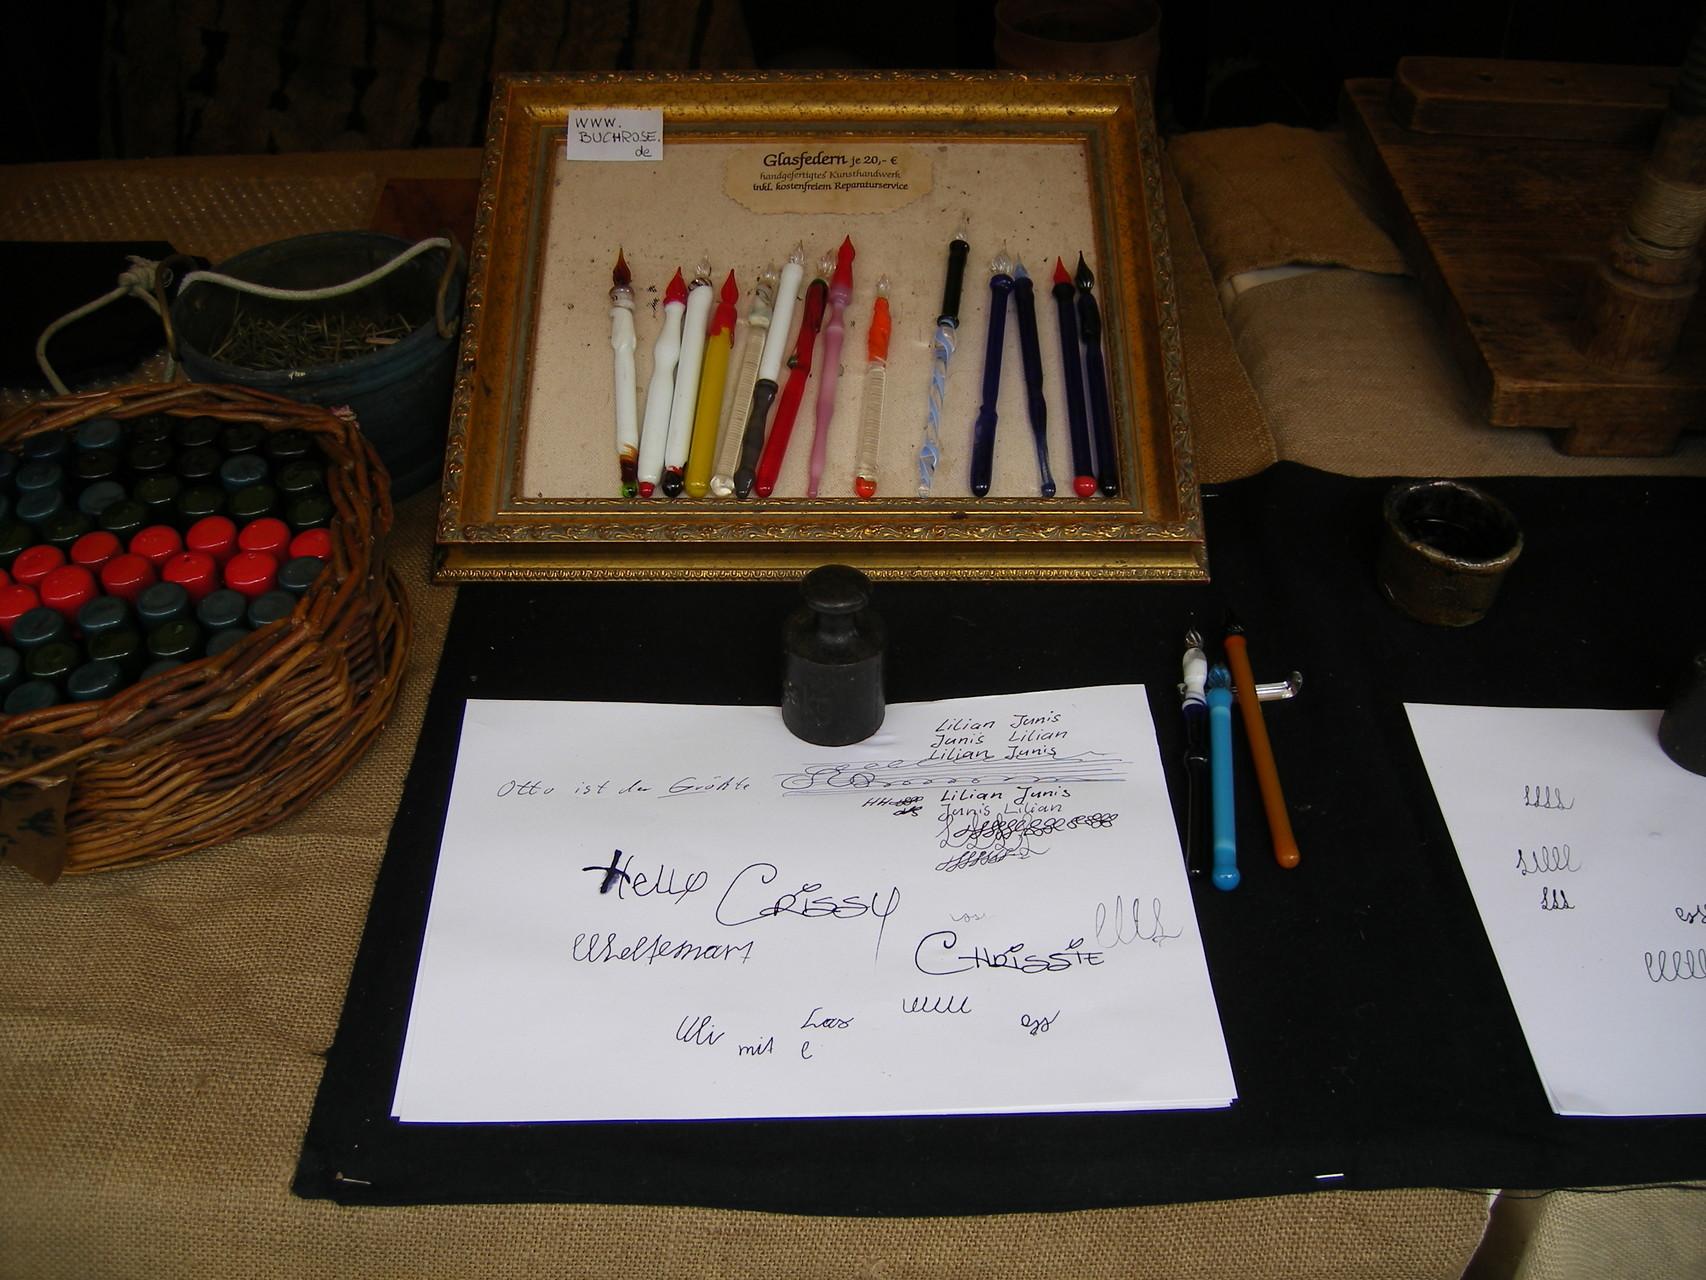 Schreiberei bei mir am Stand Buchrose Glasfedern